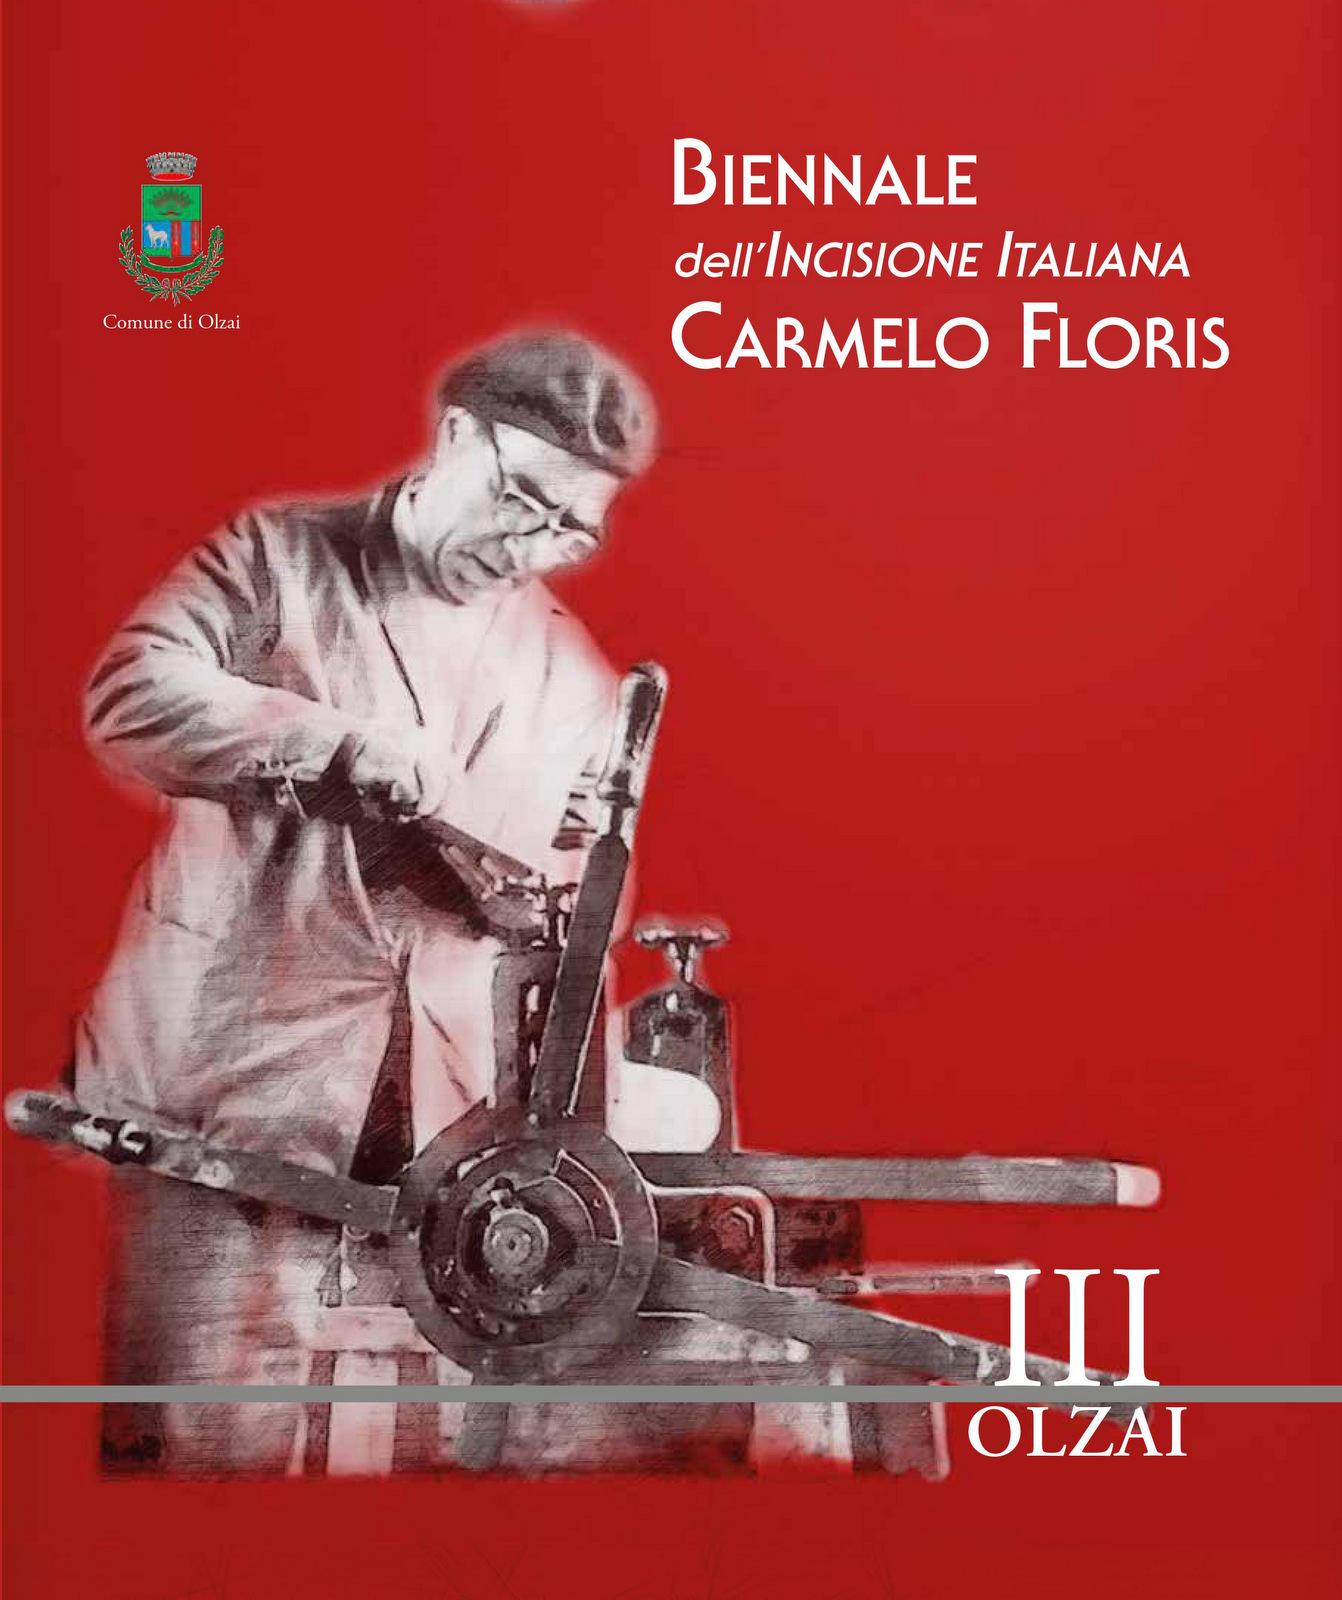 Sabato 4 settembre la presentazione del catalogo della III Biennale dell'Incisione Italiana